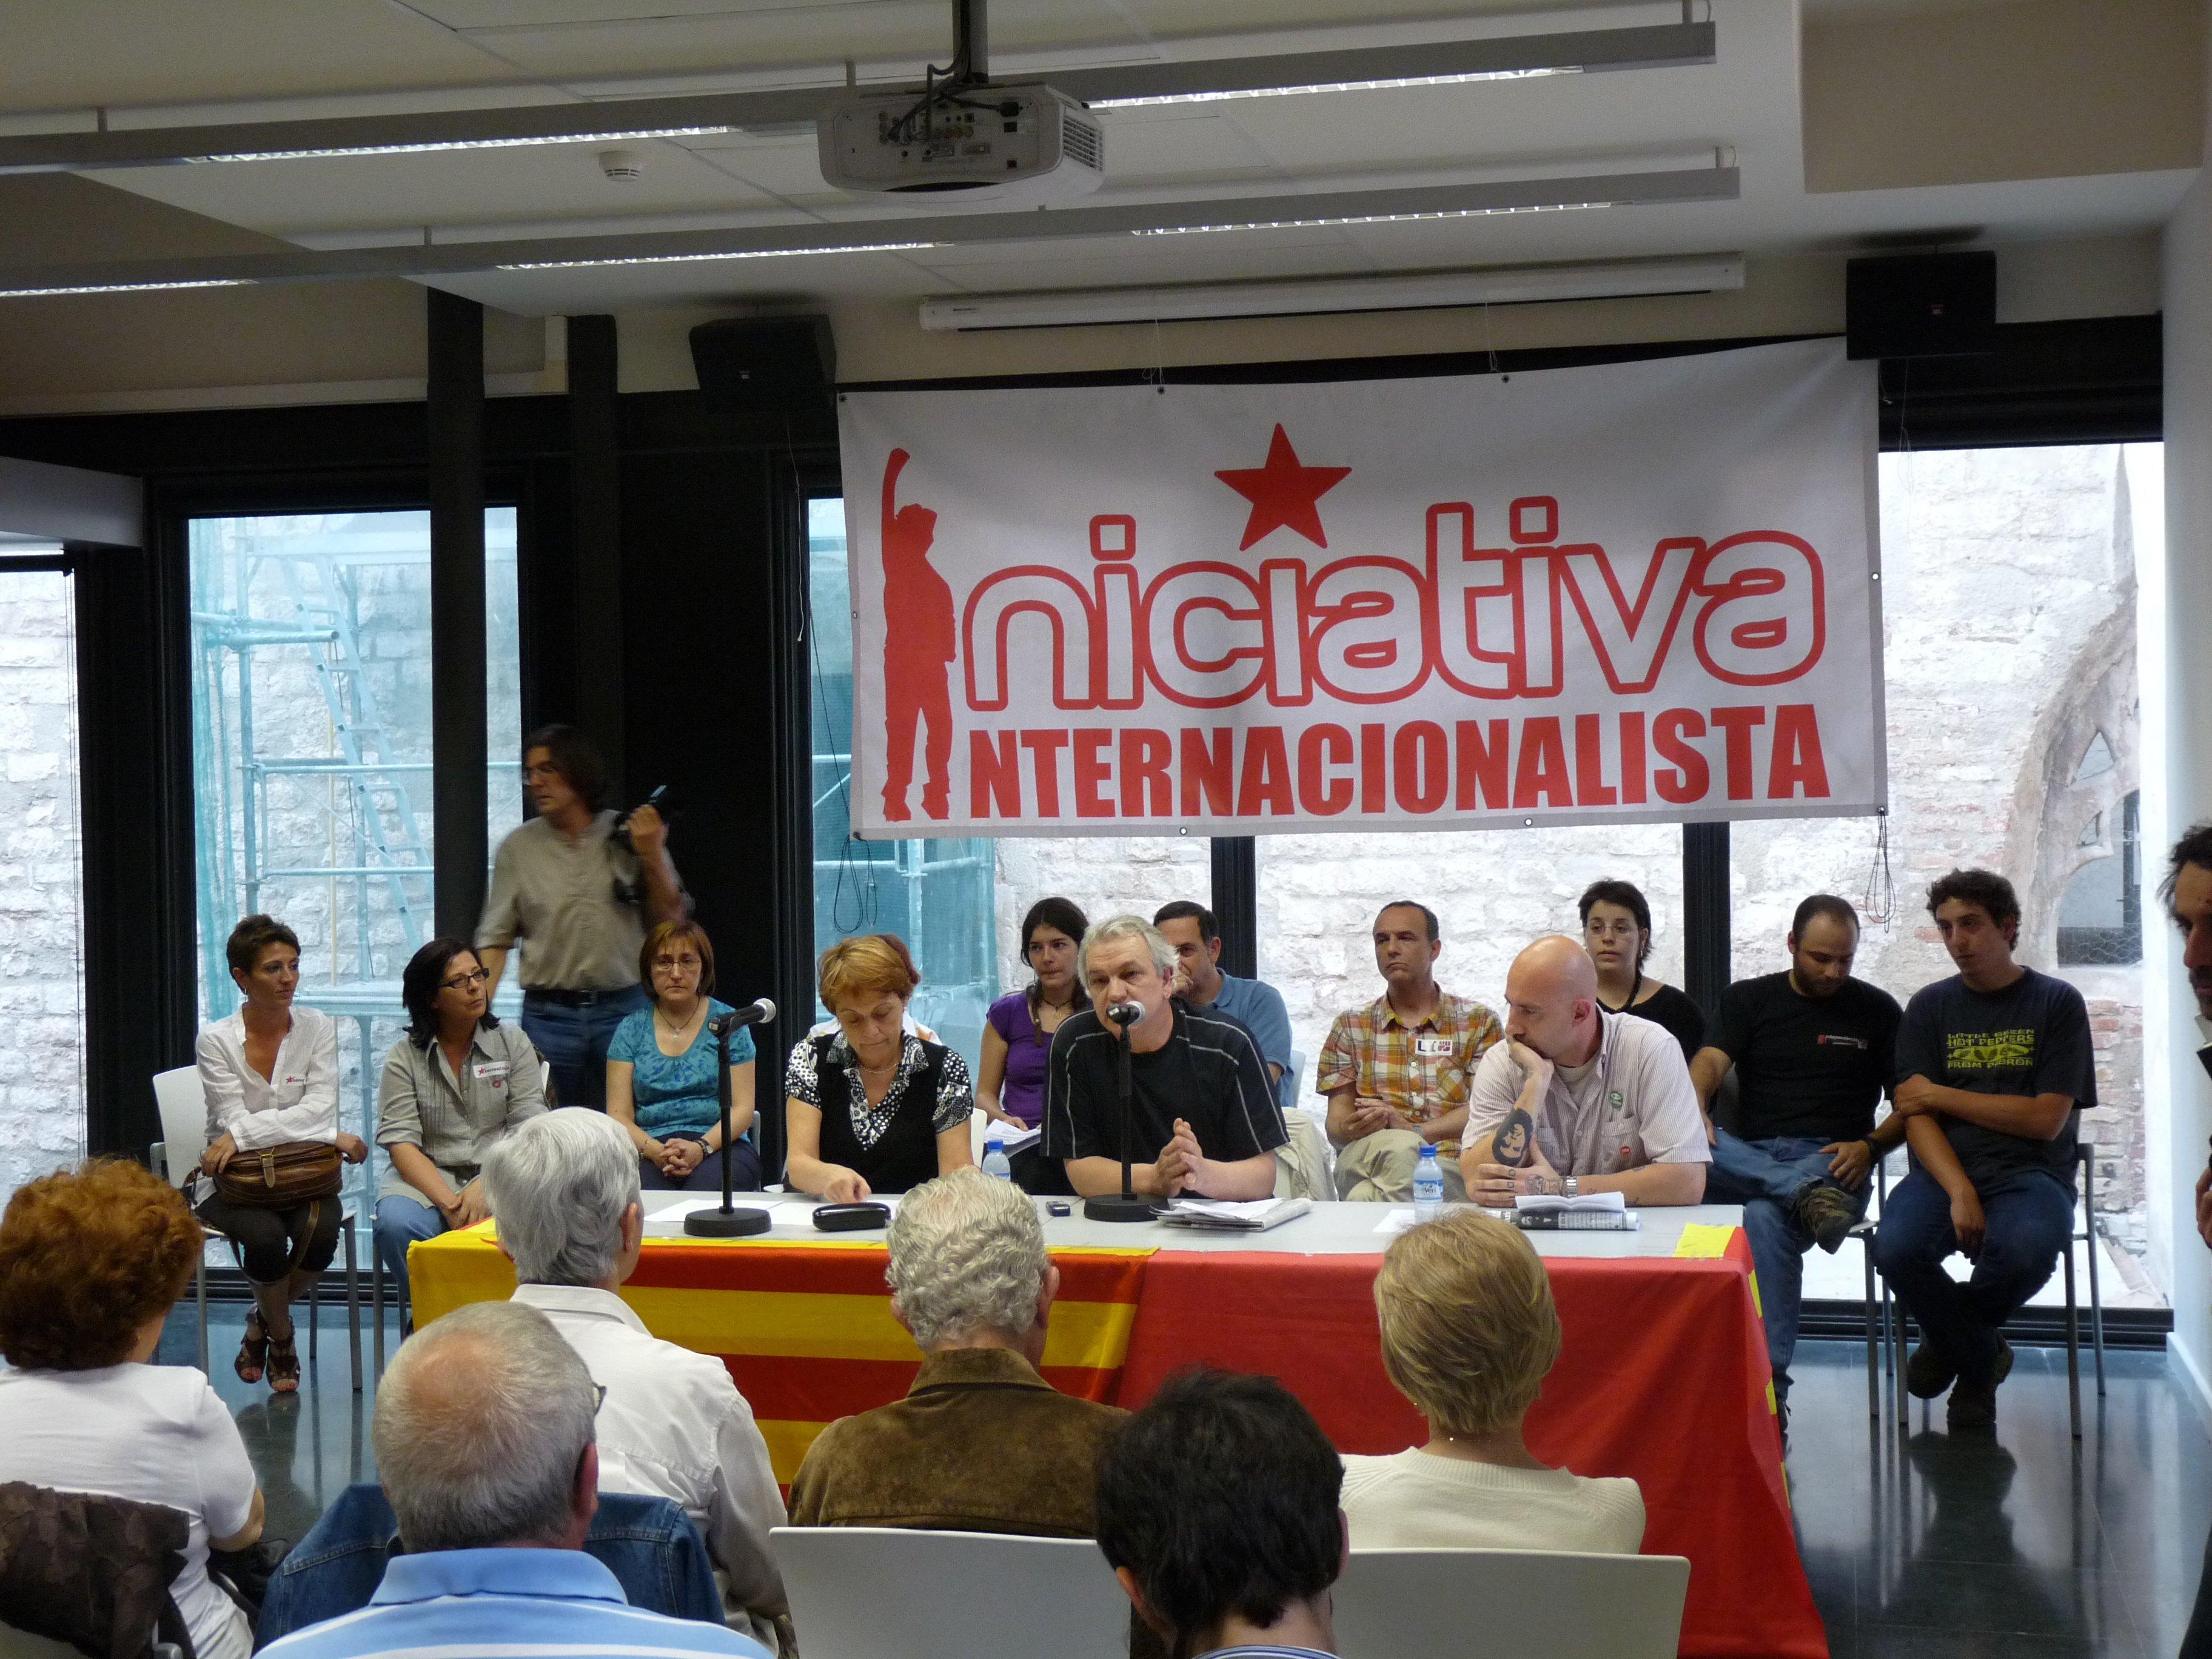 Presentació de la candidatura a Barcelona el divendres 8 de maig